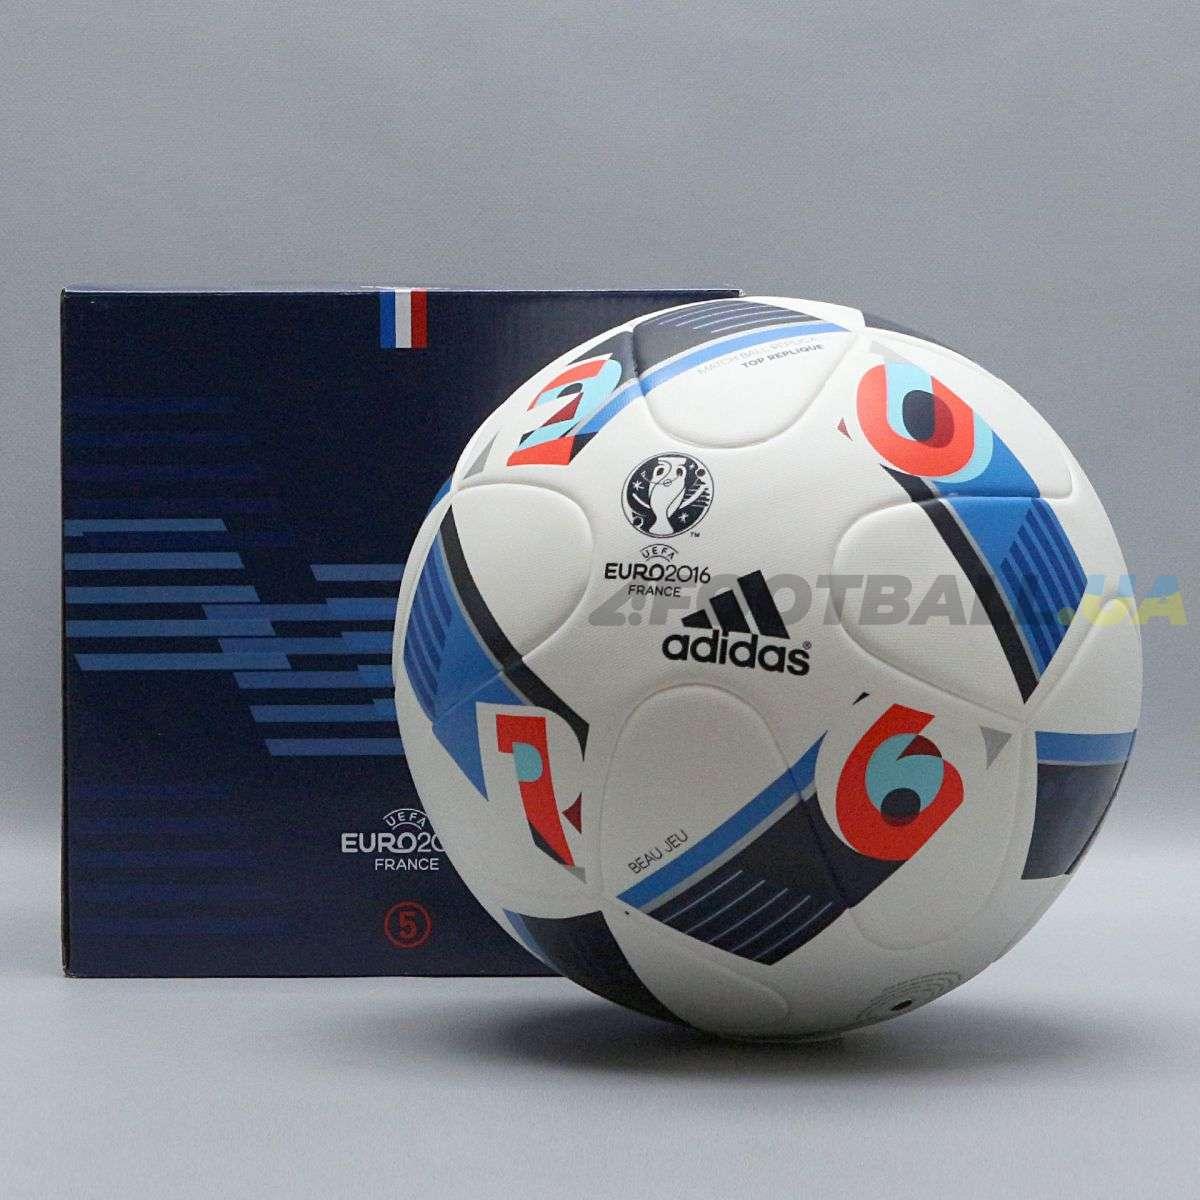 🥇 Футбольный мяч Adidas — купить футбольные мячи Адидас. Скидки до ... 09089dcc6c277